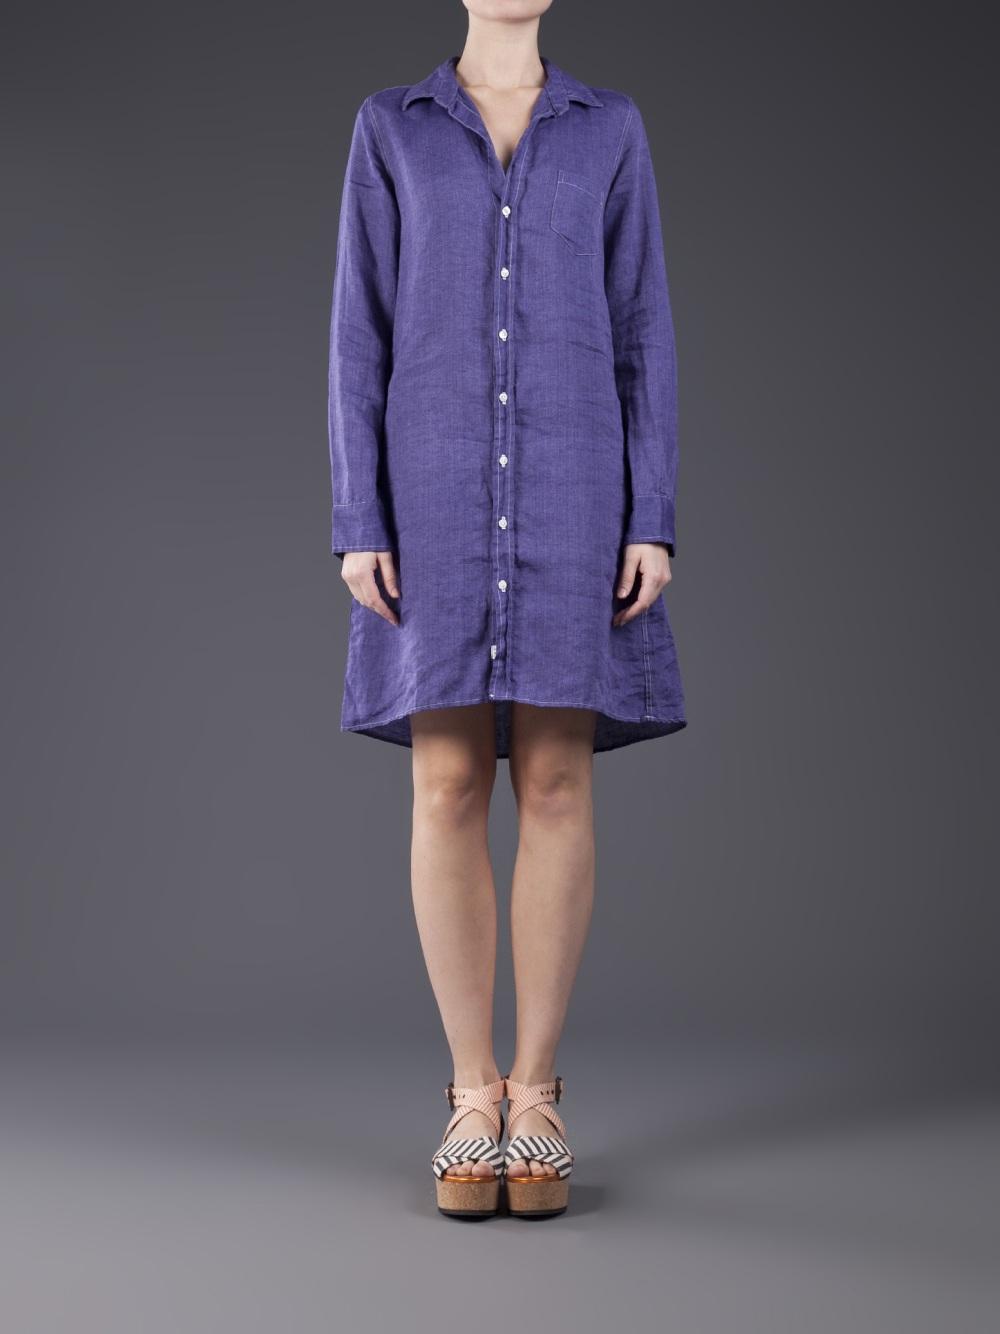 915d39efc6 Lyst - Frank   Eileen Murphy Shirtdress in Purple